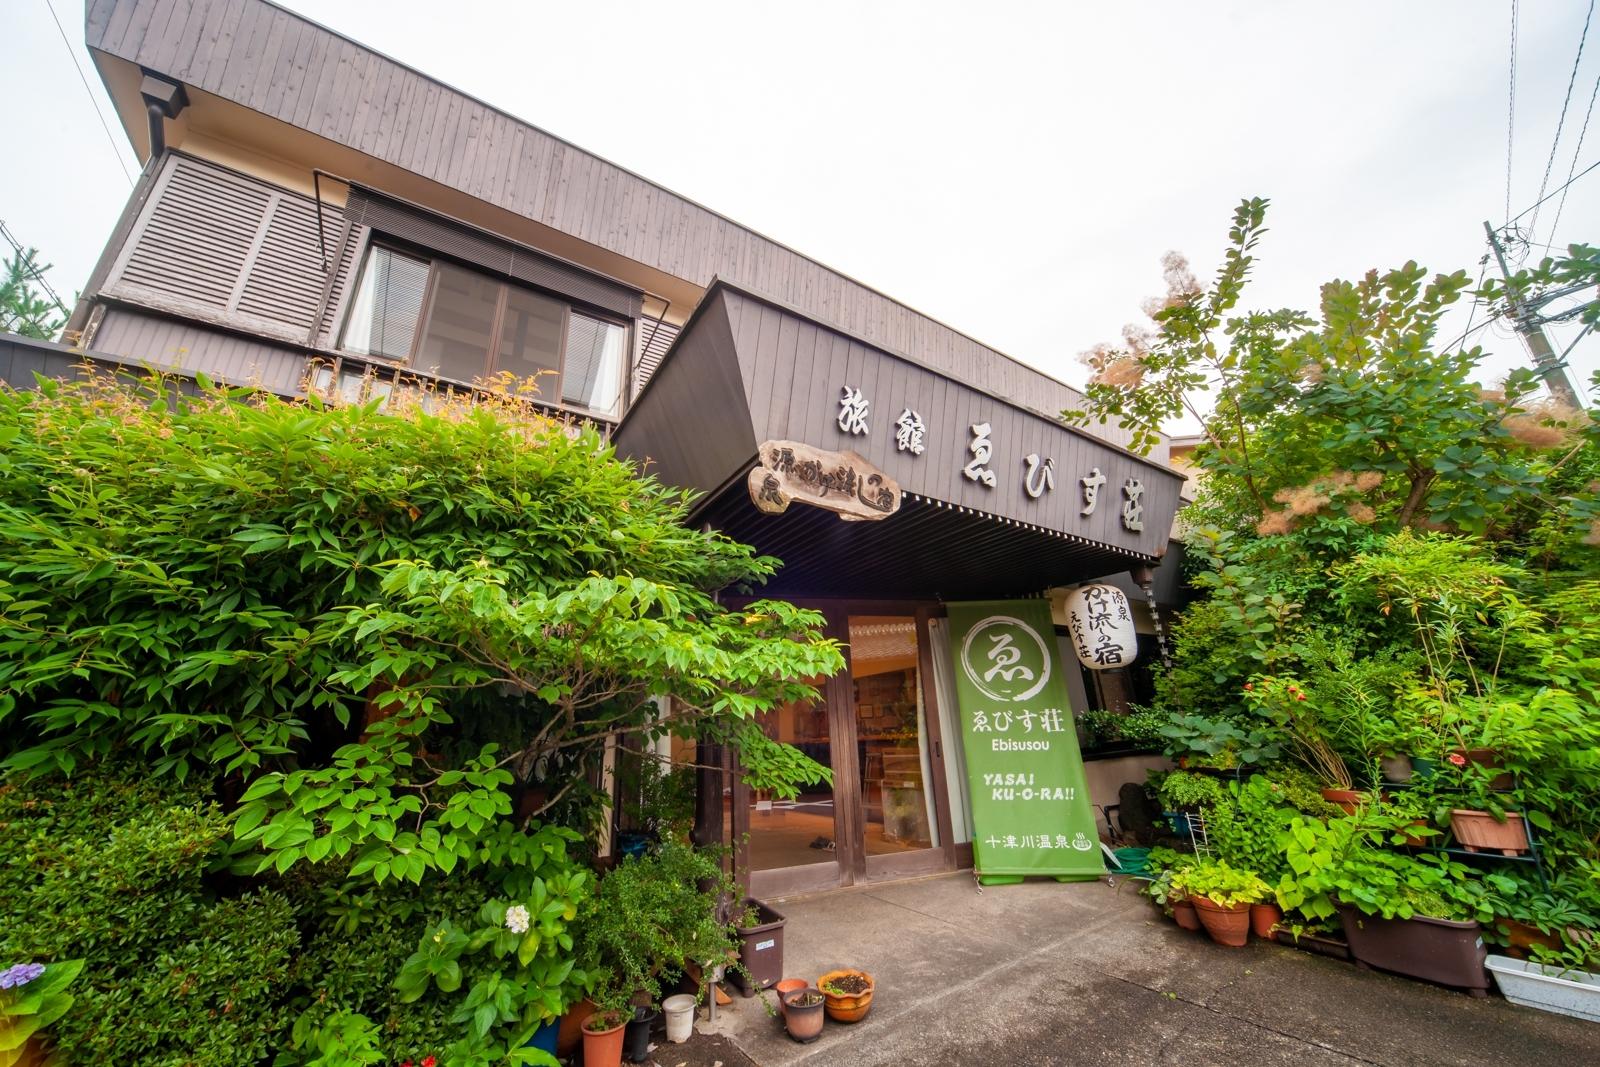 十津川温泉郷 ゑびす荘